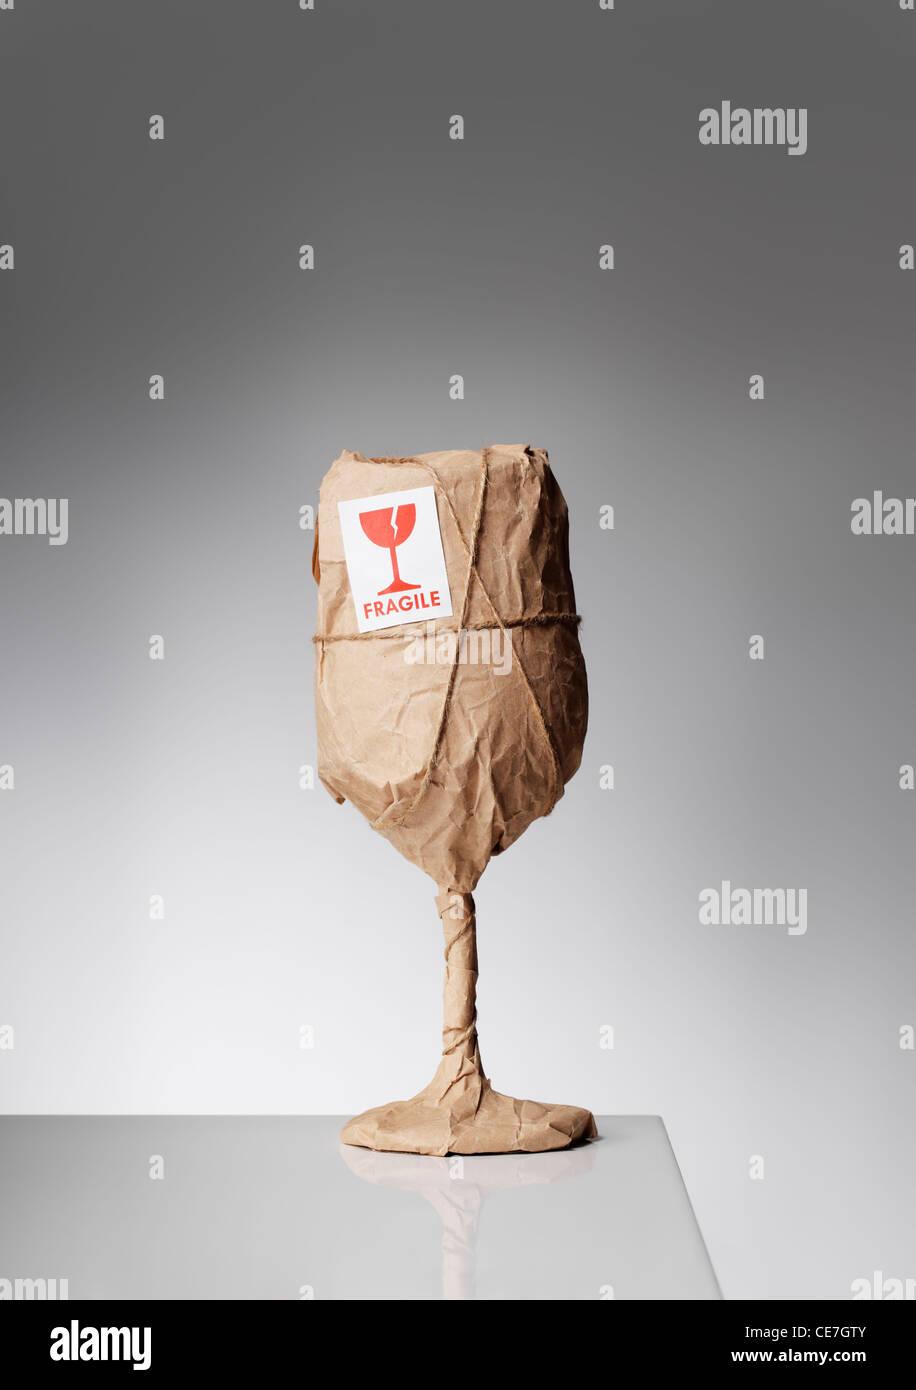 """Obviamente un frágil objeto envuelto en papel y con una pegatina de """"frágiles"""". Imagen De Stock"""